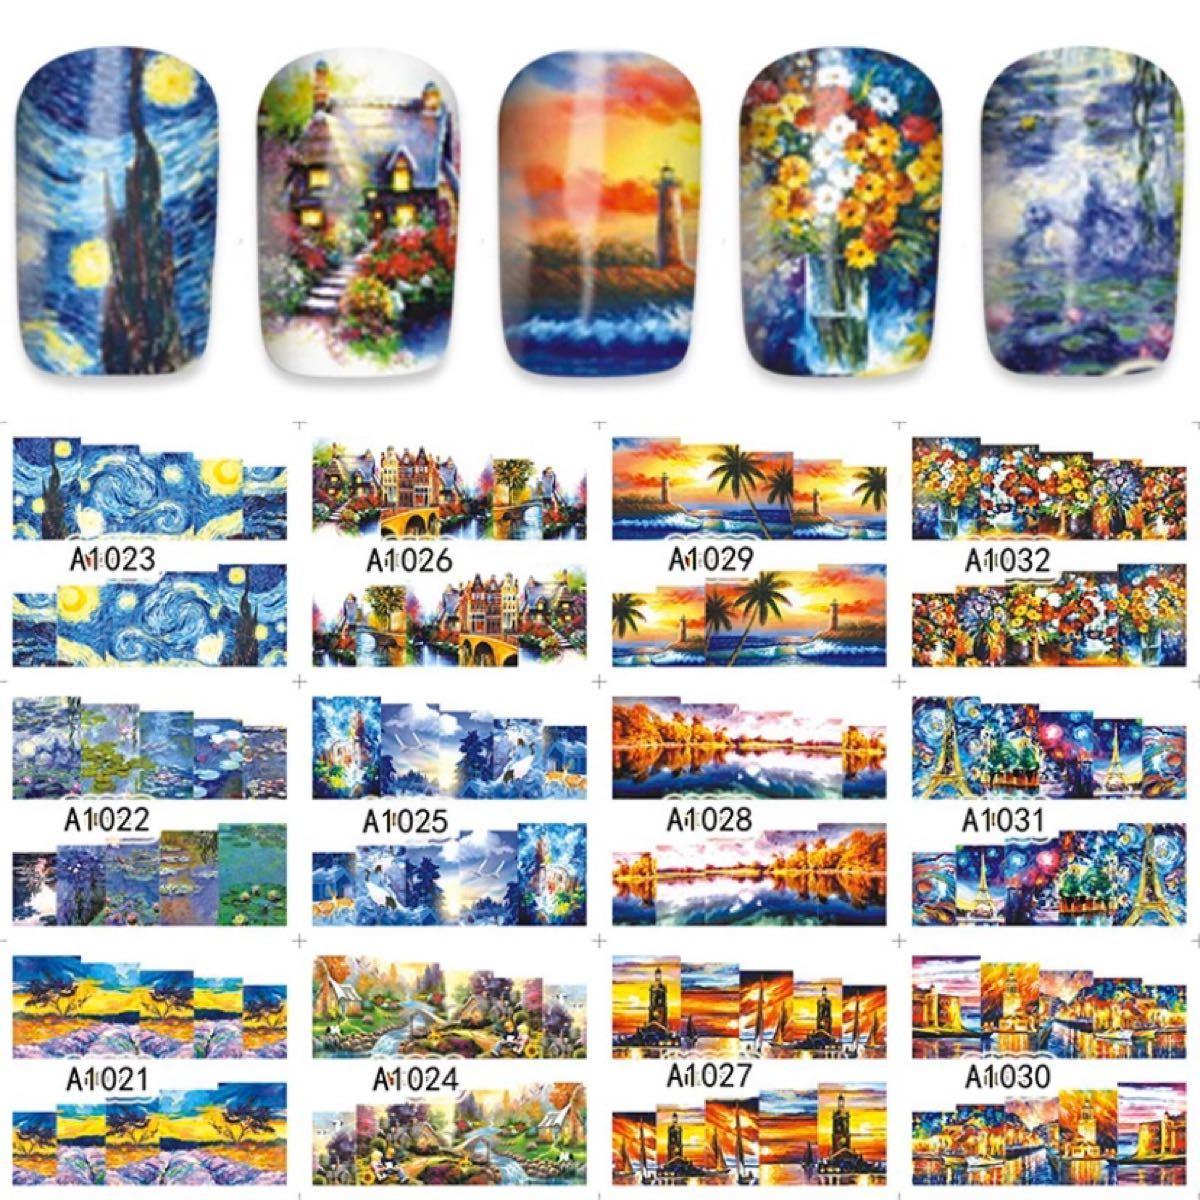 ウォーターネイルシール 絵画 12枚セット ネイル ジェルネイル